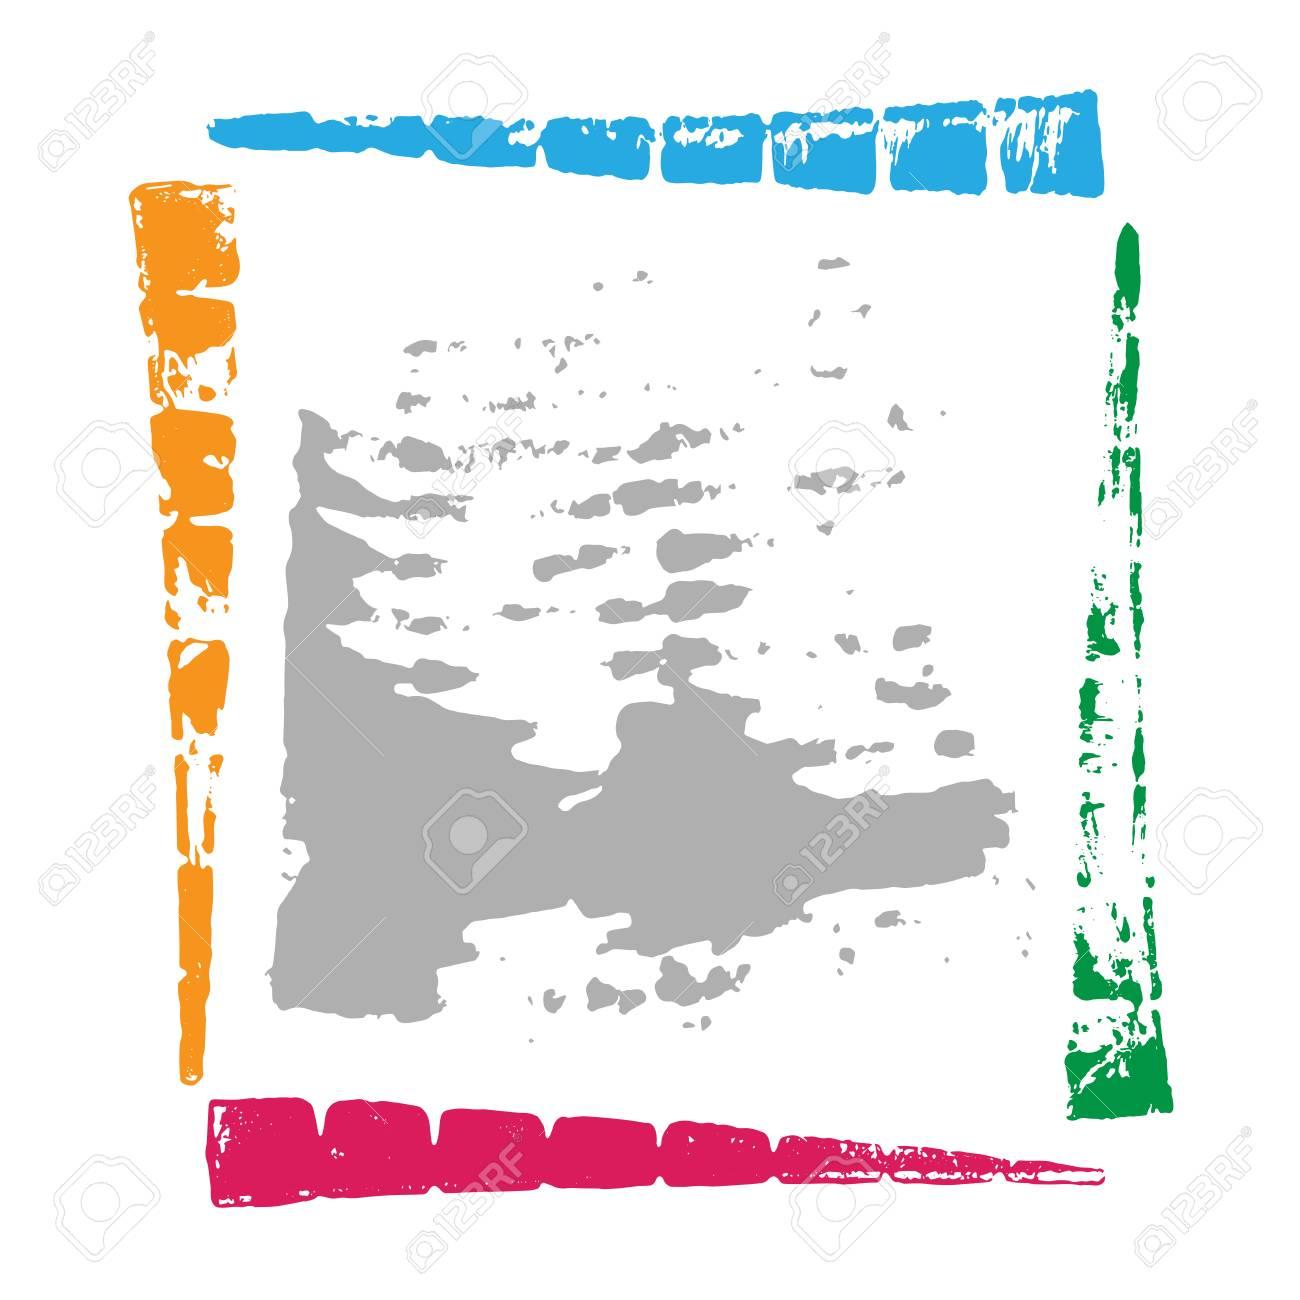 Grunge Farbe Rahmen Mit Platz Für Text. Lizenzfrei Nutzbare ...